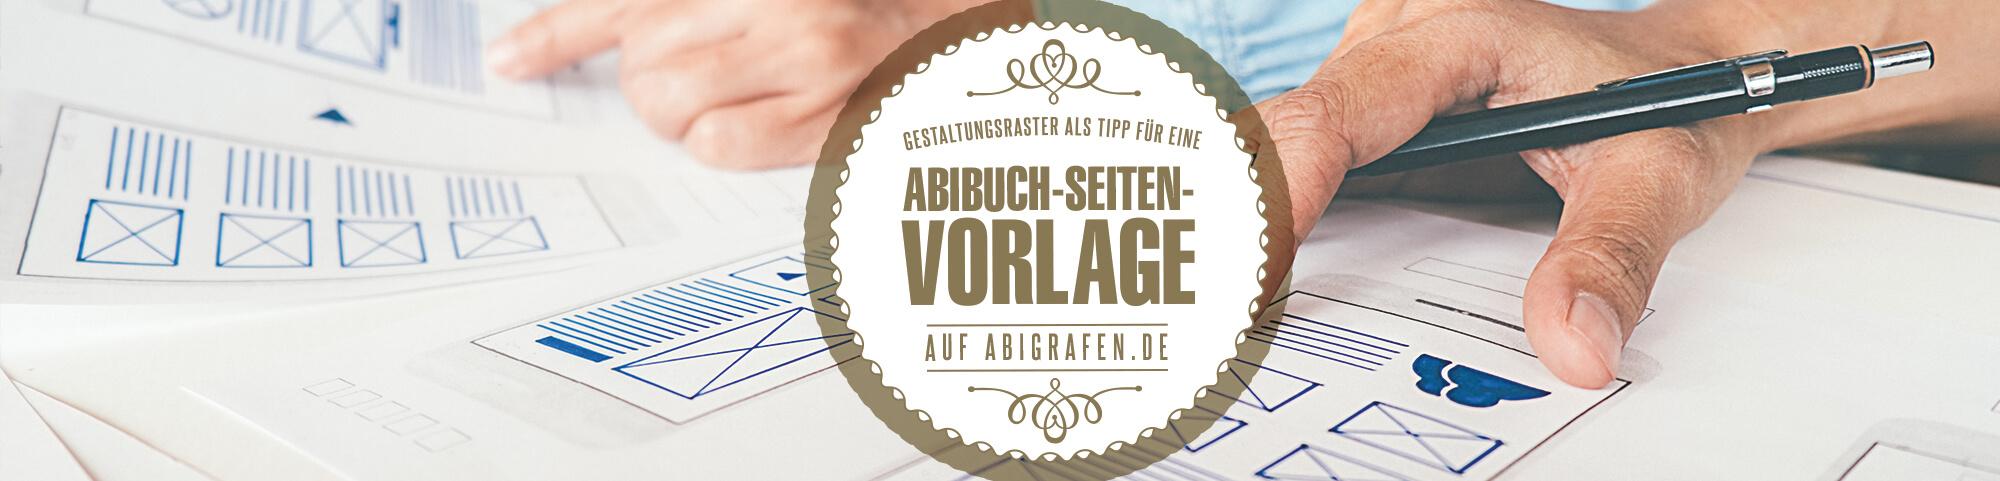 Abizeitung-/Abibuchseite Vorlage: Mit Gestaltungsraster einfach Gestalten (Tipps & Erklärungen)